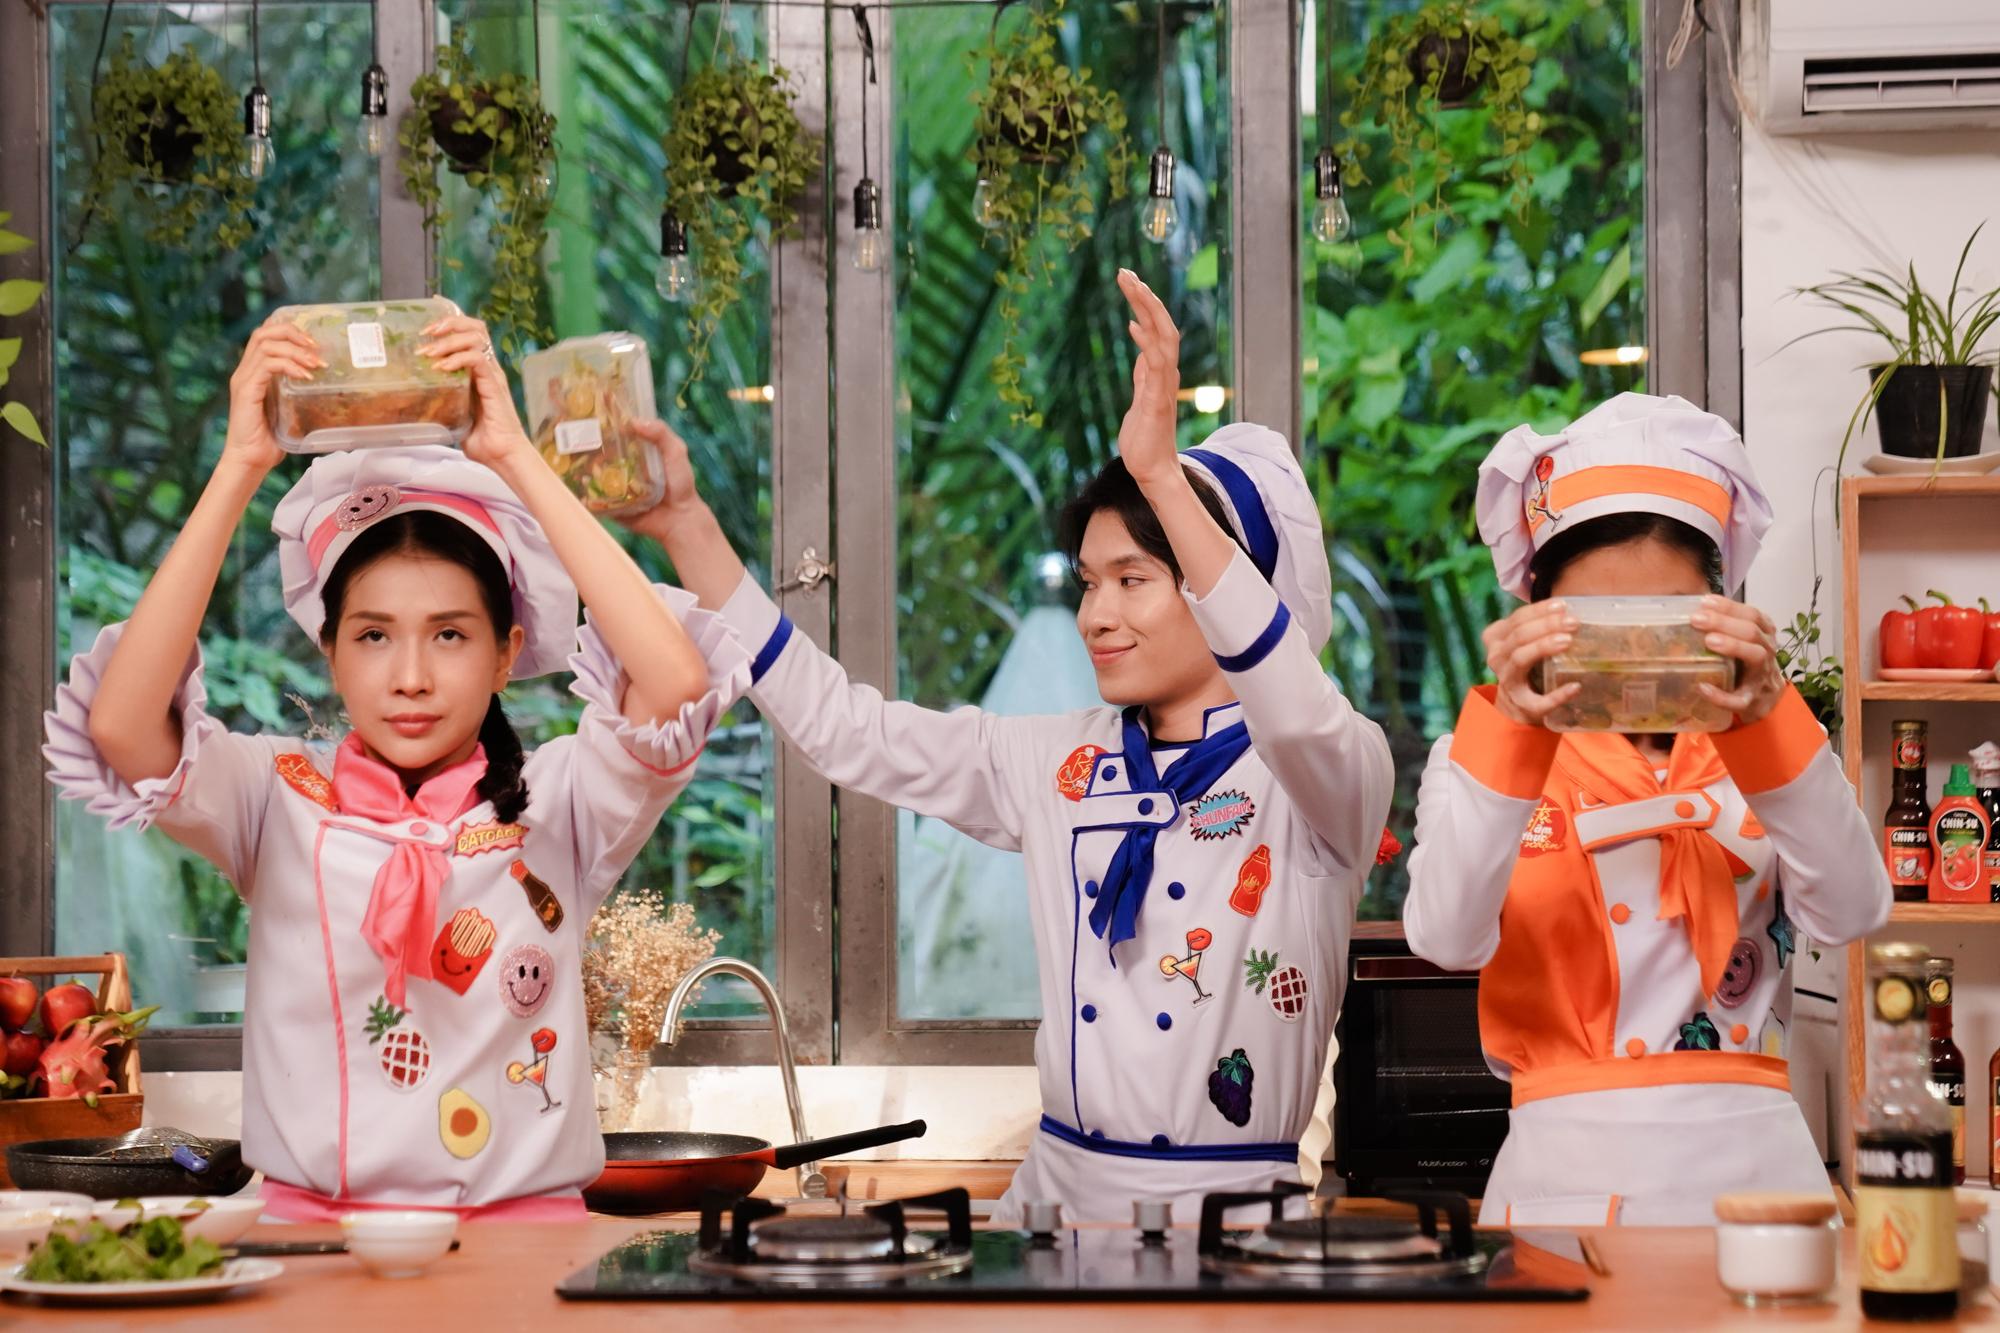 Khả Như, Quang Trung  lần đầu được trải nghiệm phá lấu lắc tắc món ăn vừa lạ vừa quen của nữ diễn viên  Vân Trang